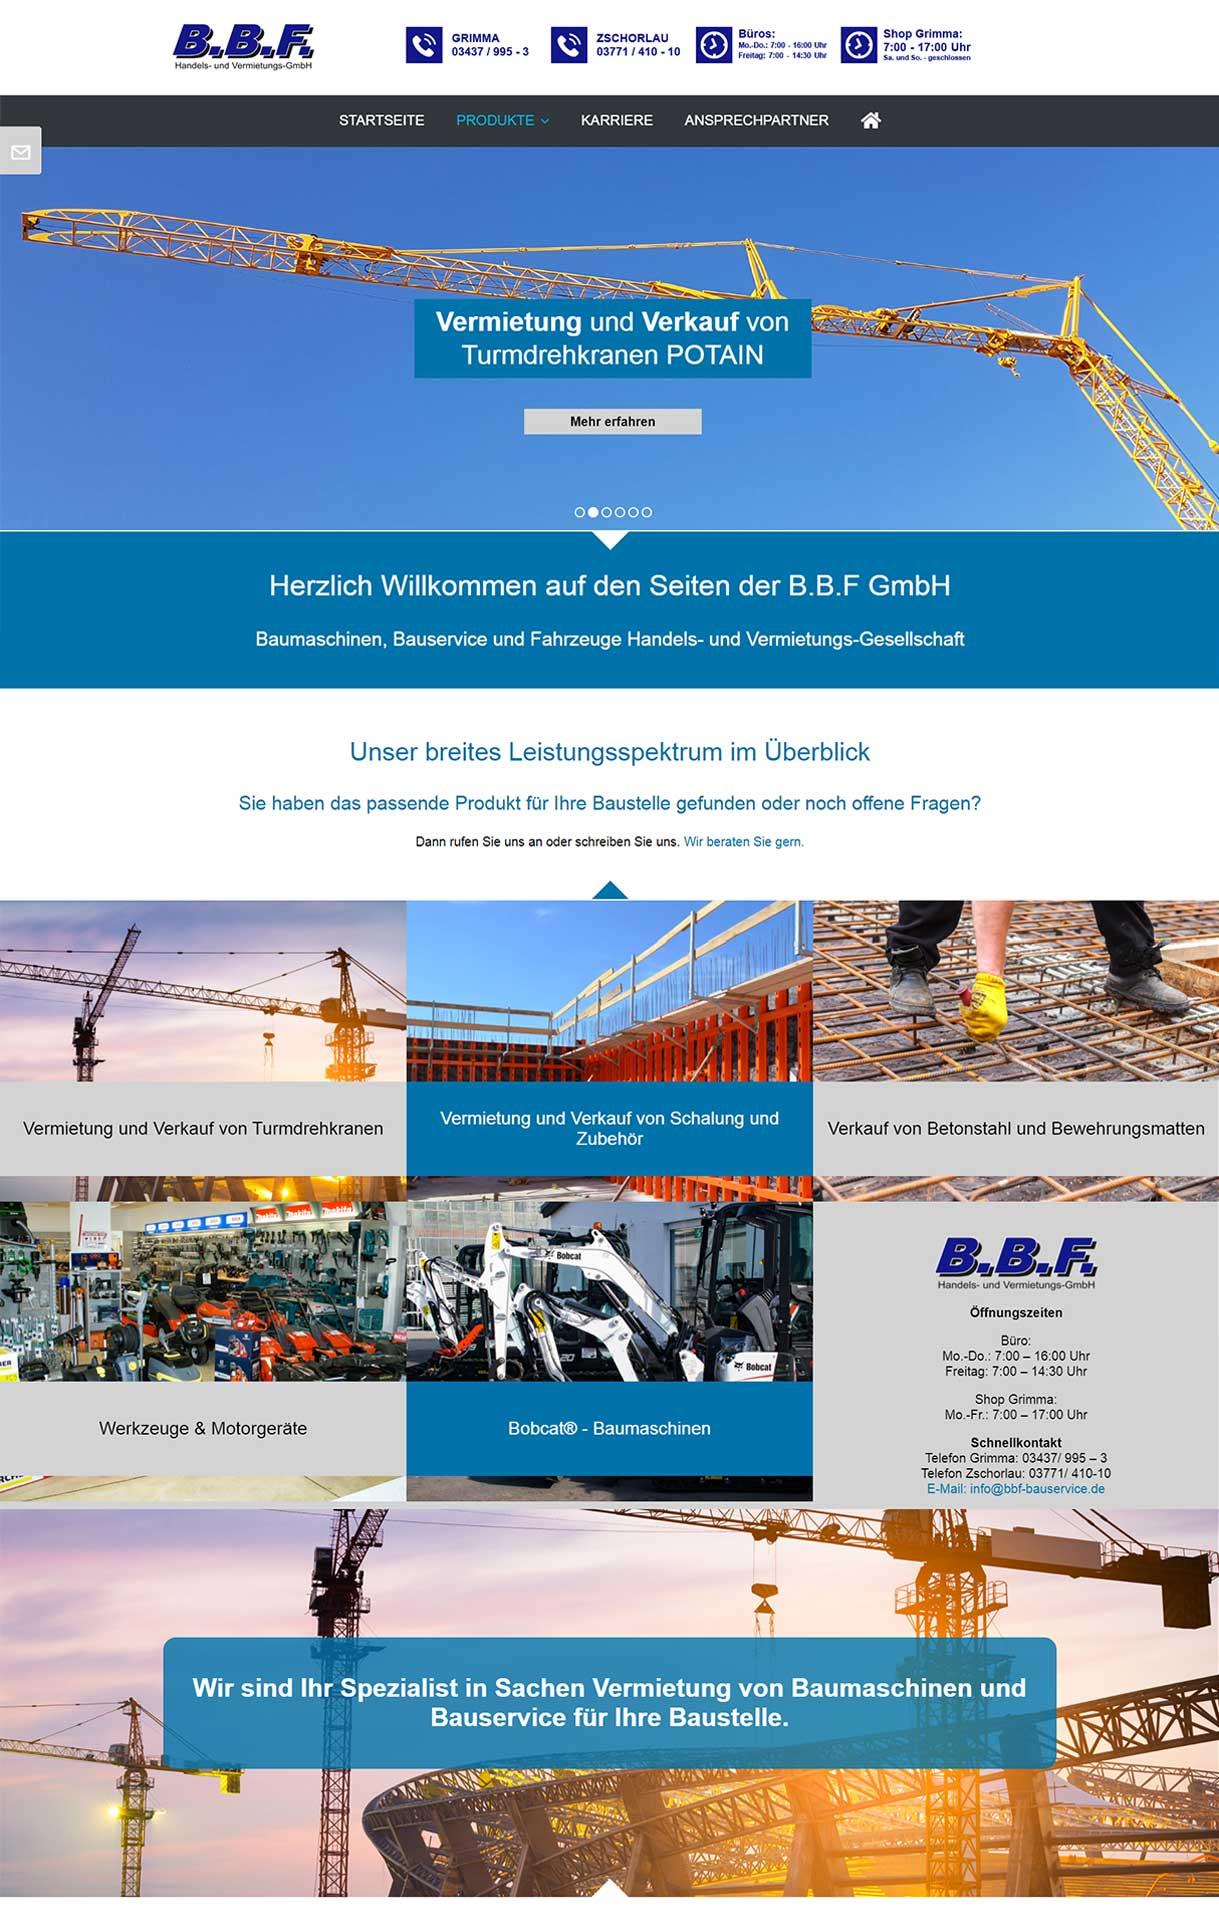 webdesign-flashlightmedia-werbeagentur-leipzig-grimma-startseite-BBF-Bauservice-webseite